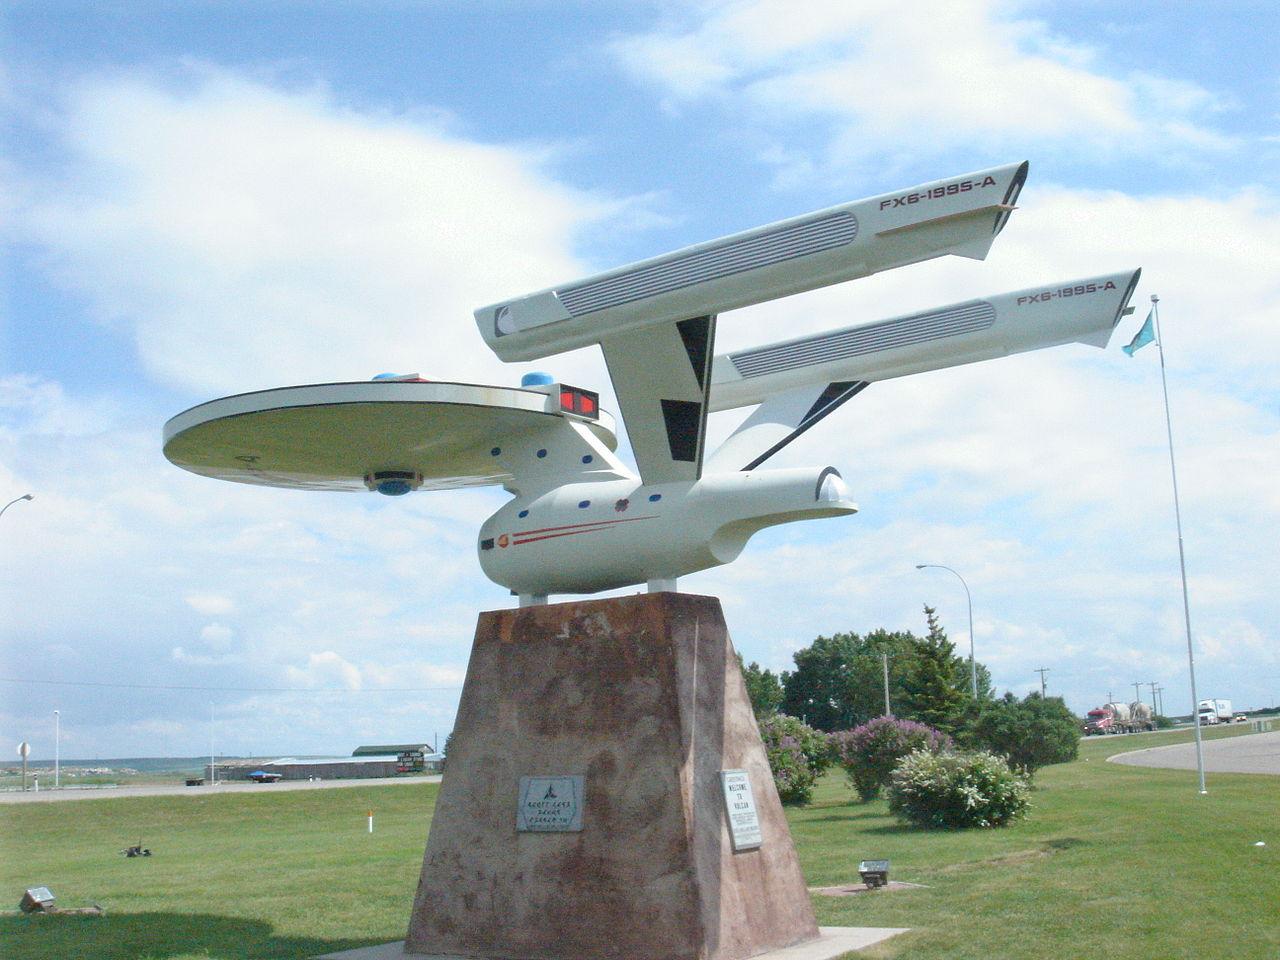 Vulcan Alberta Enterprise Replica